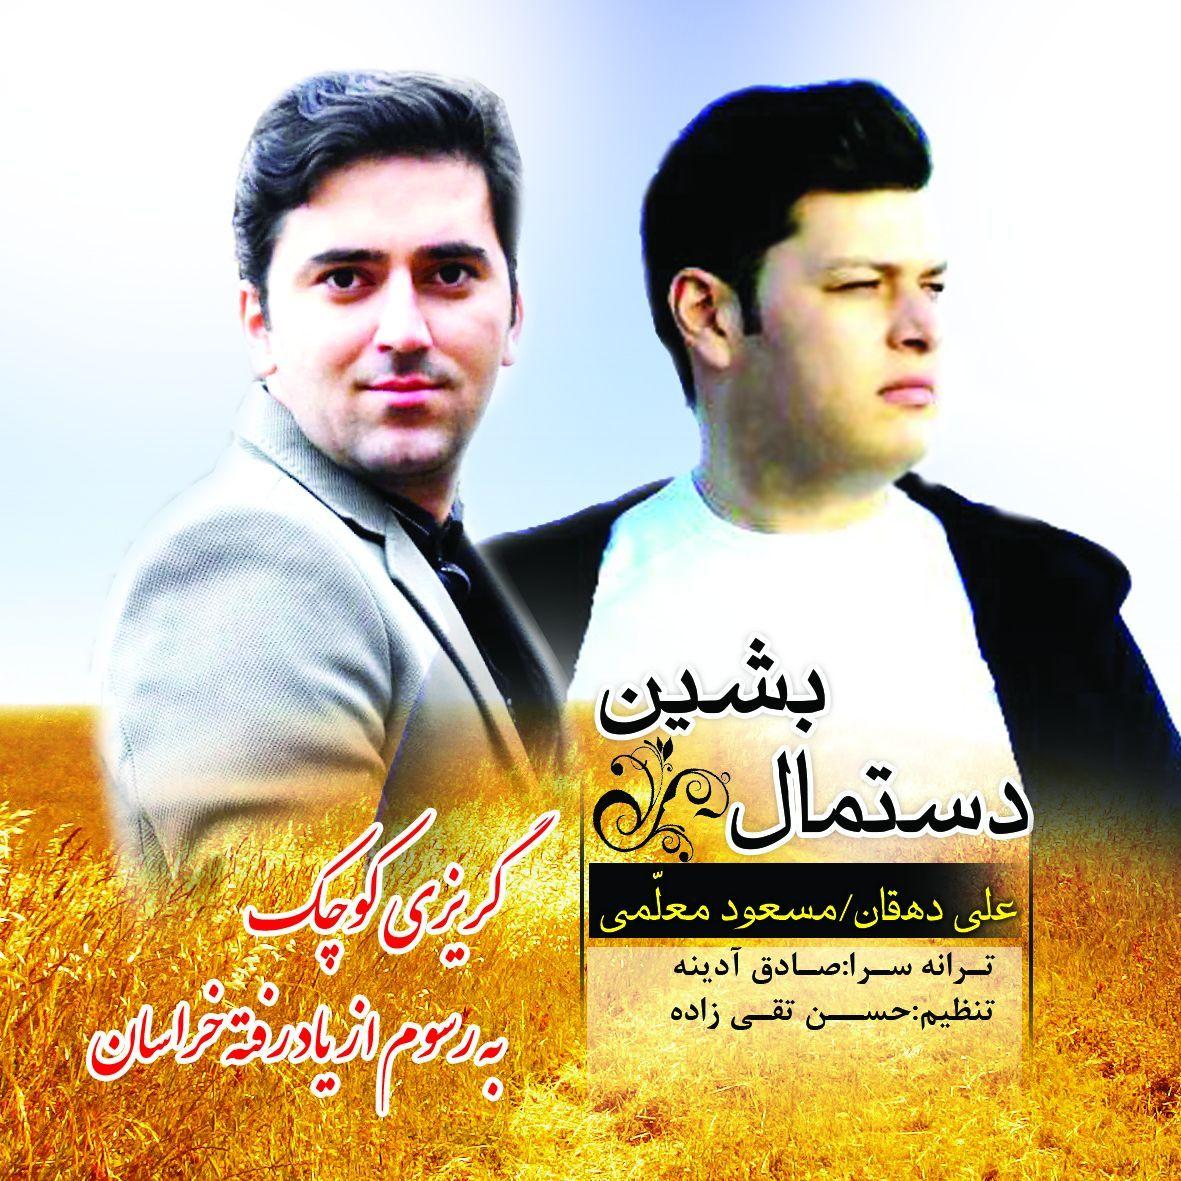 آهنگ دستمال بشین از علی دهقان و مسعود معلمی